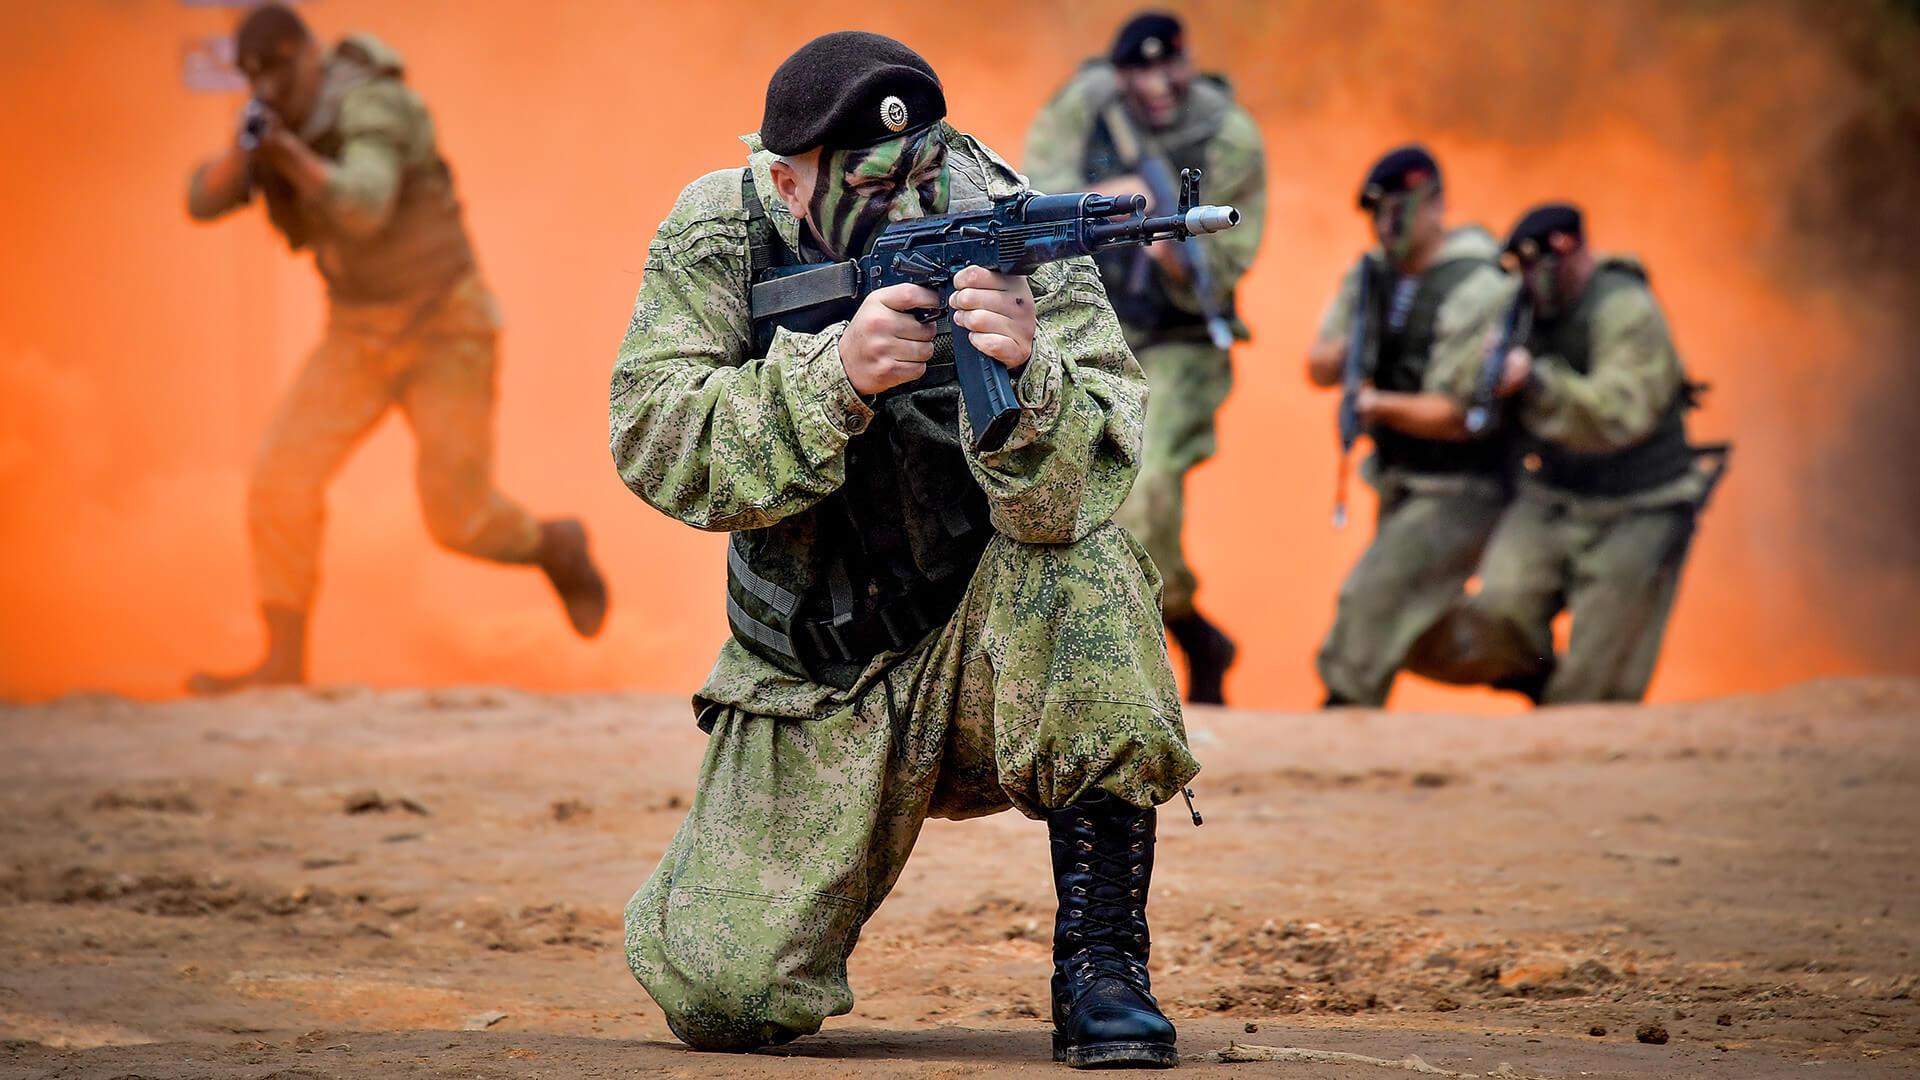 Акция ко Дню морской пехоты - 27 ноября отмечается День моряка в Республике Беларусь